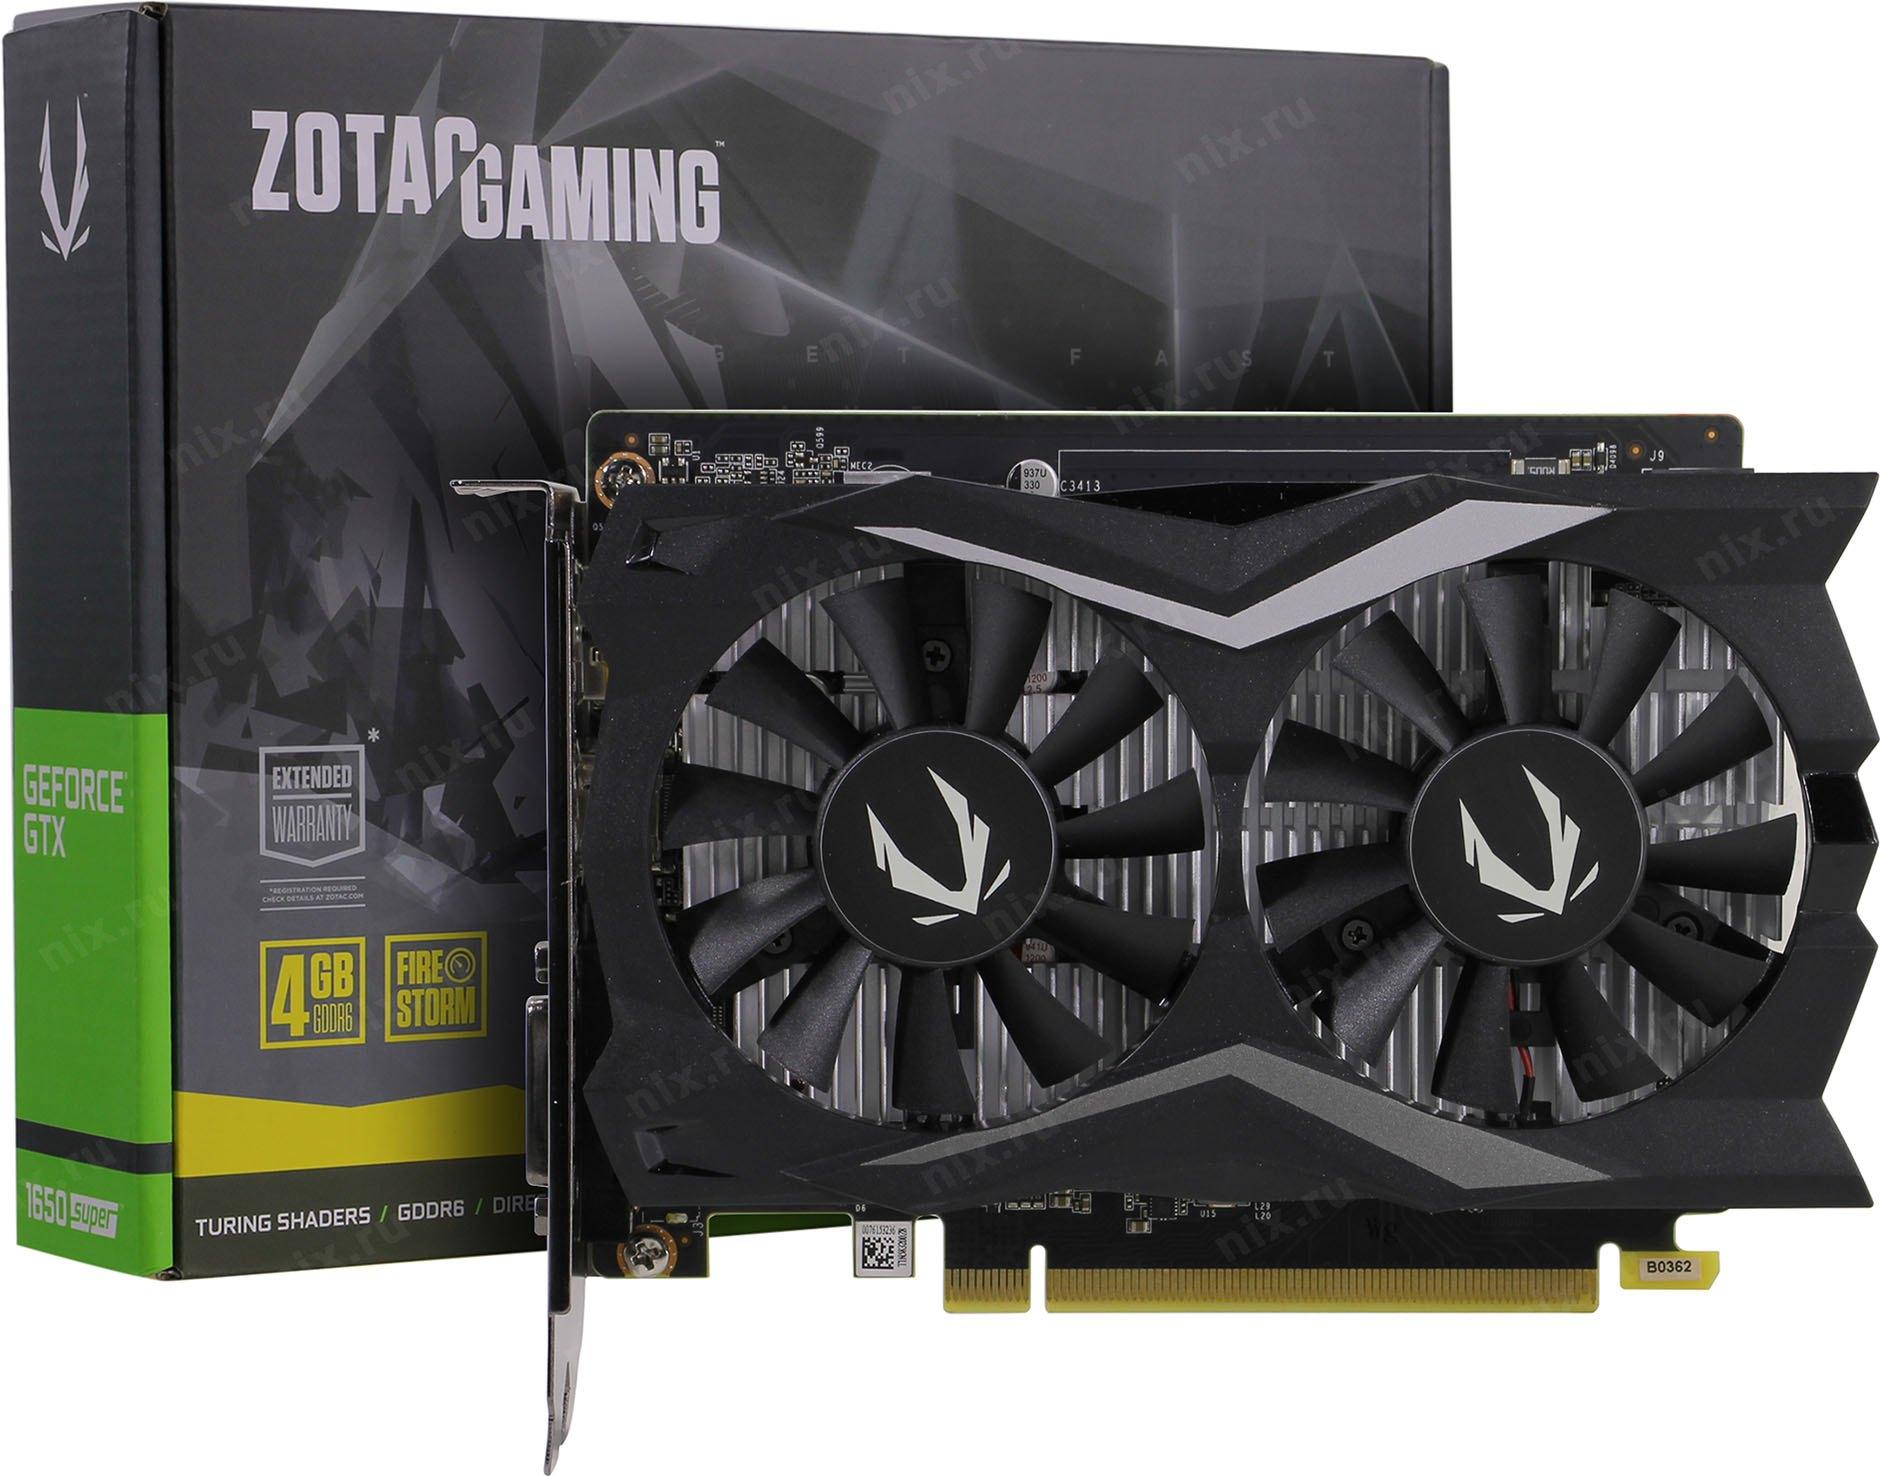 Zotac GeForce GTX 1650 Super Twin Fan